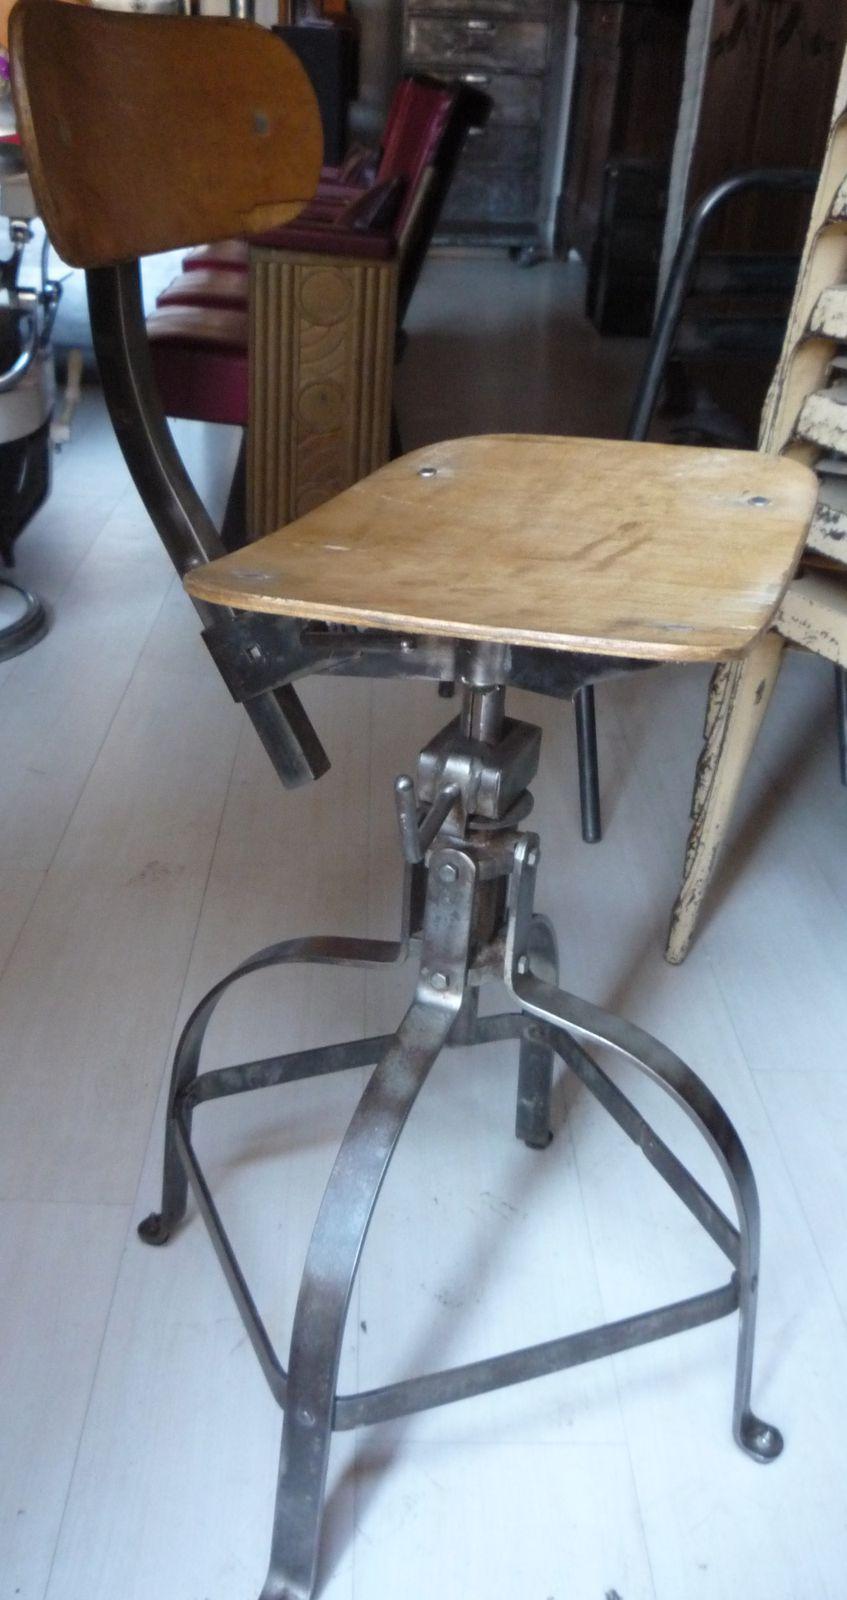 chaise bienaise atelier industriel loft 1950 mettetal industry design industriel du 20eme siecle. Black Bedroom Furniture Sets. Home Design Ideas